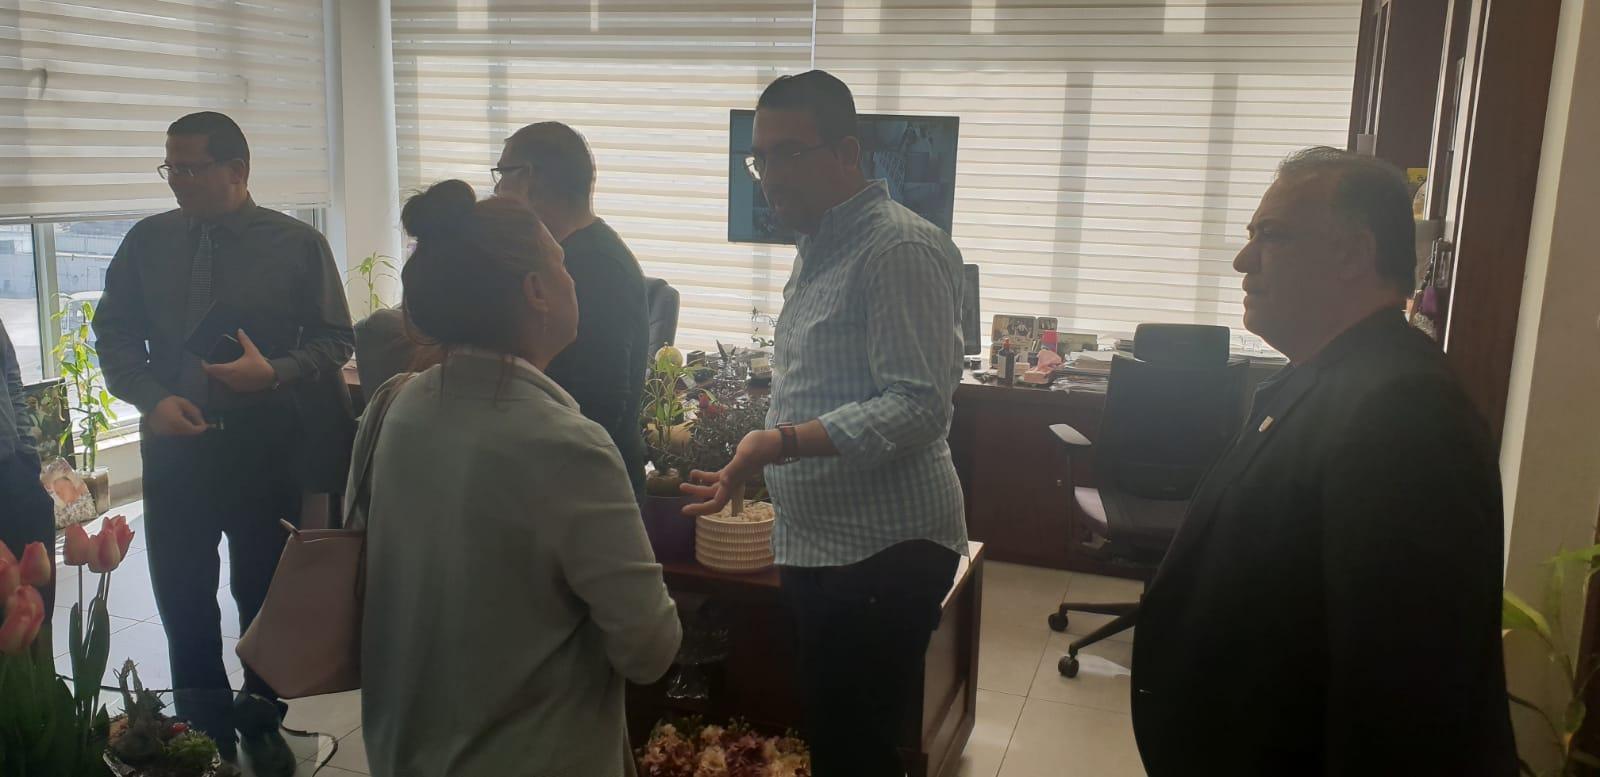 بلدية الناصرة تؤكد: لا كورونا في المدينة